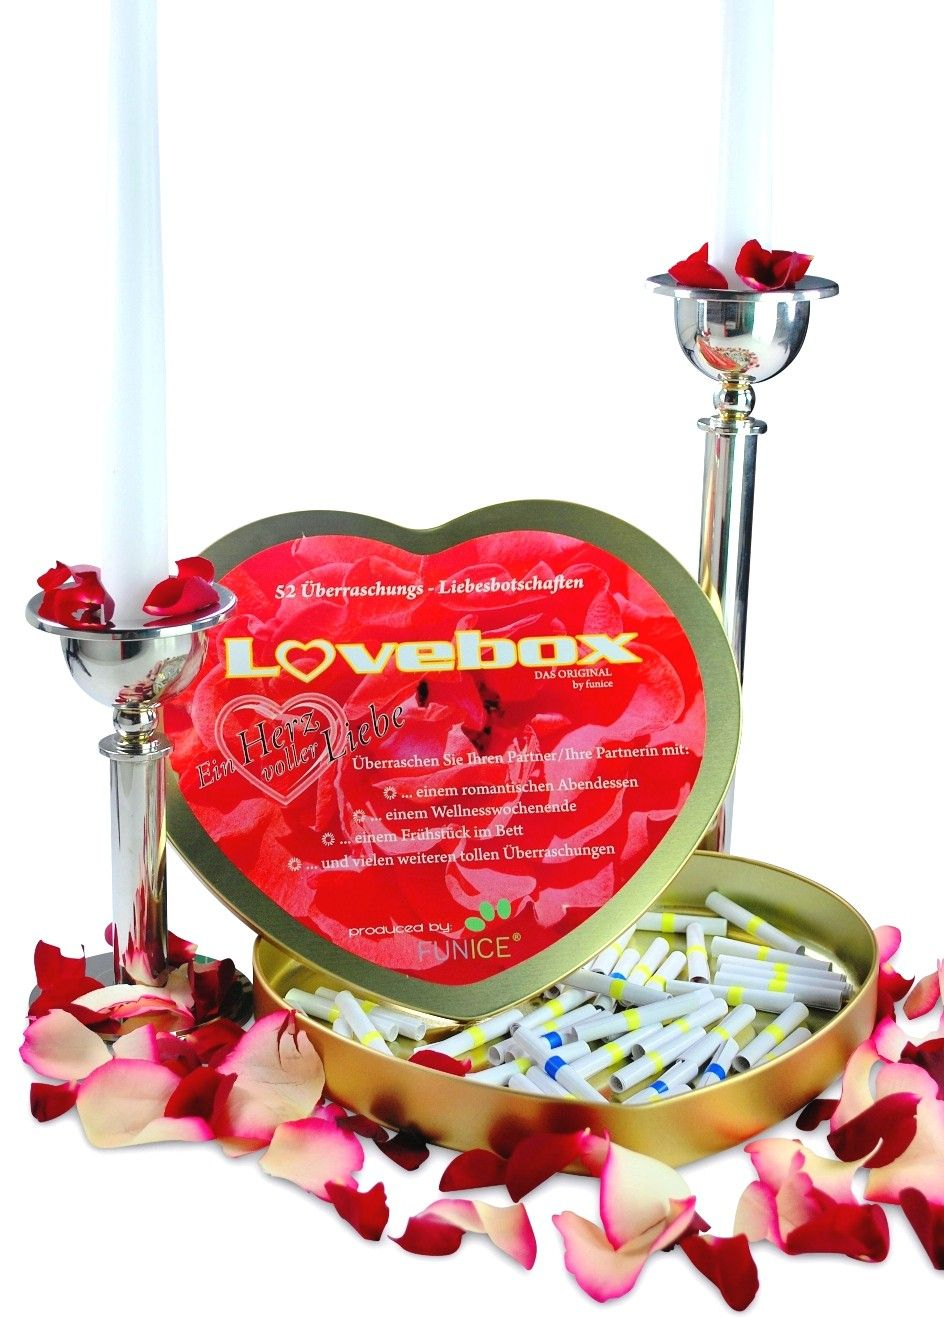 Liebesbox Lose Ideen.Liebesbox Mit 52 Losen Hochzeitsgeschenke Geldgeschenke